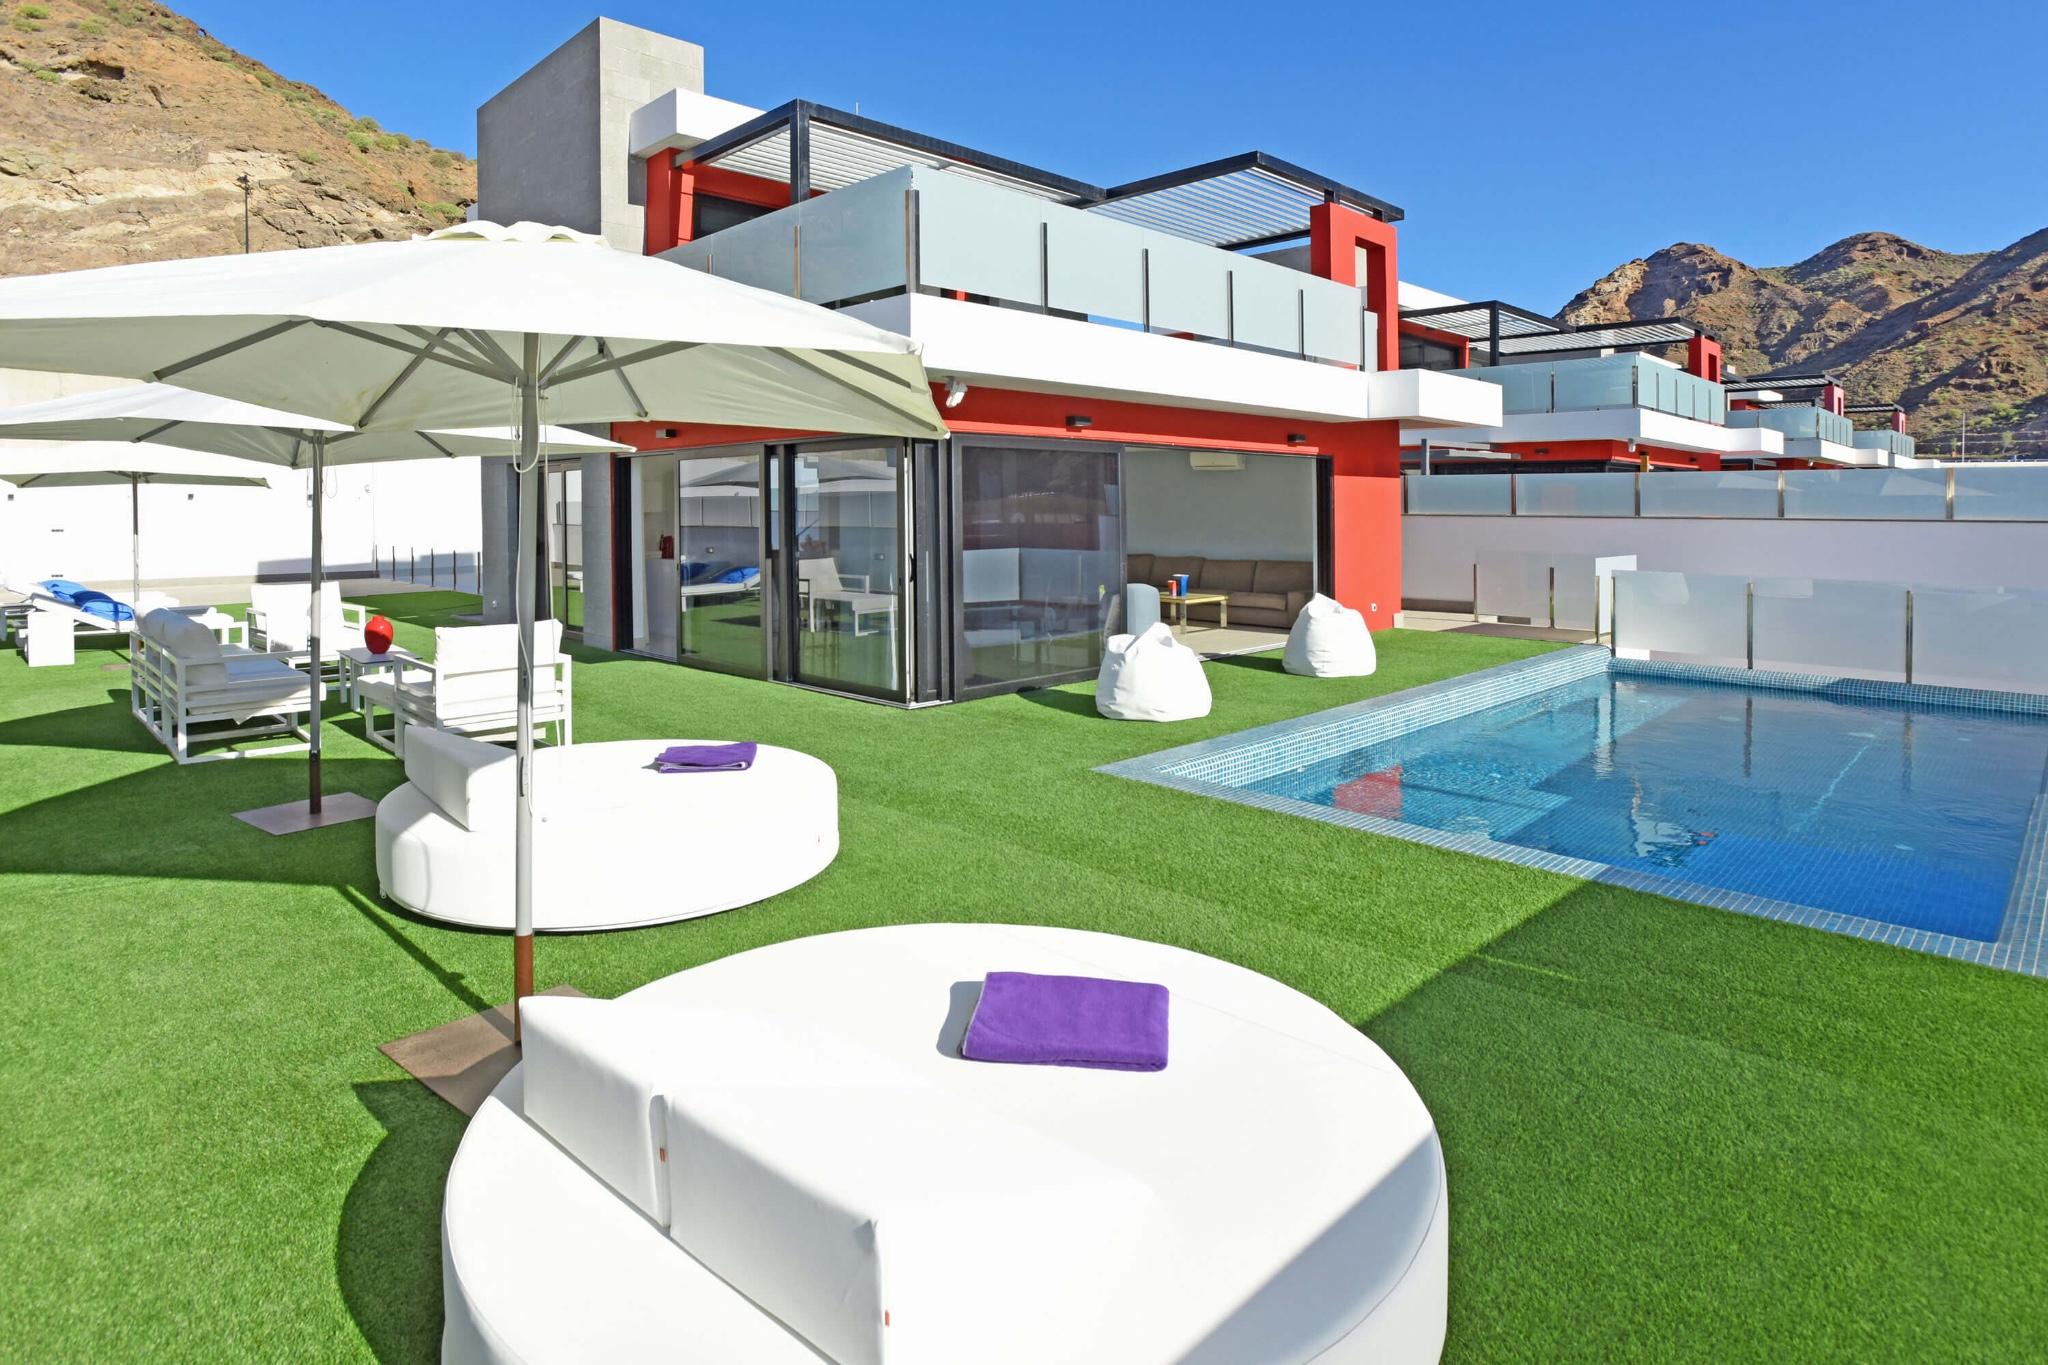 Sehr moderne geräumige Villa für 10 Personen im Süden von Gran Canaria, der große Außenbereich verfügt über einen privaten Pool